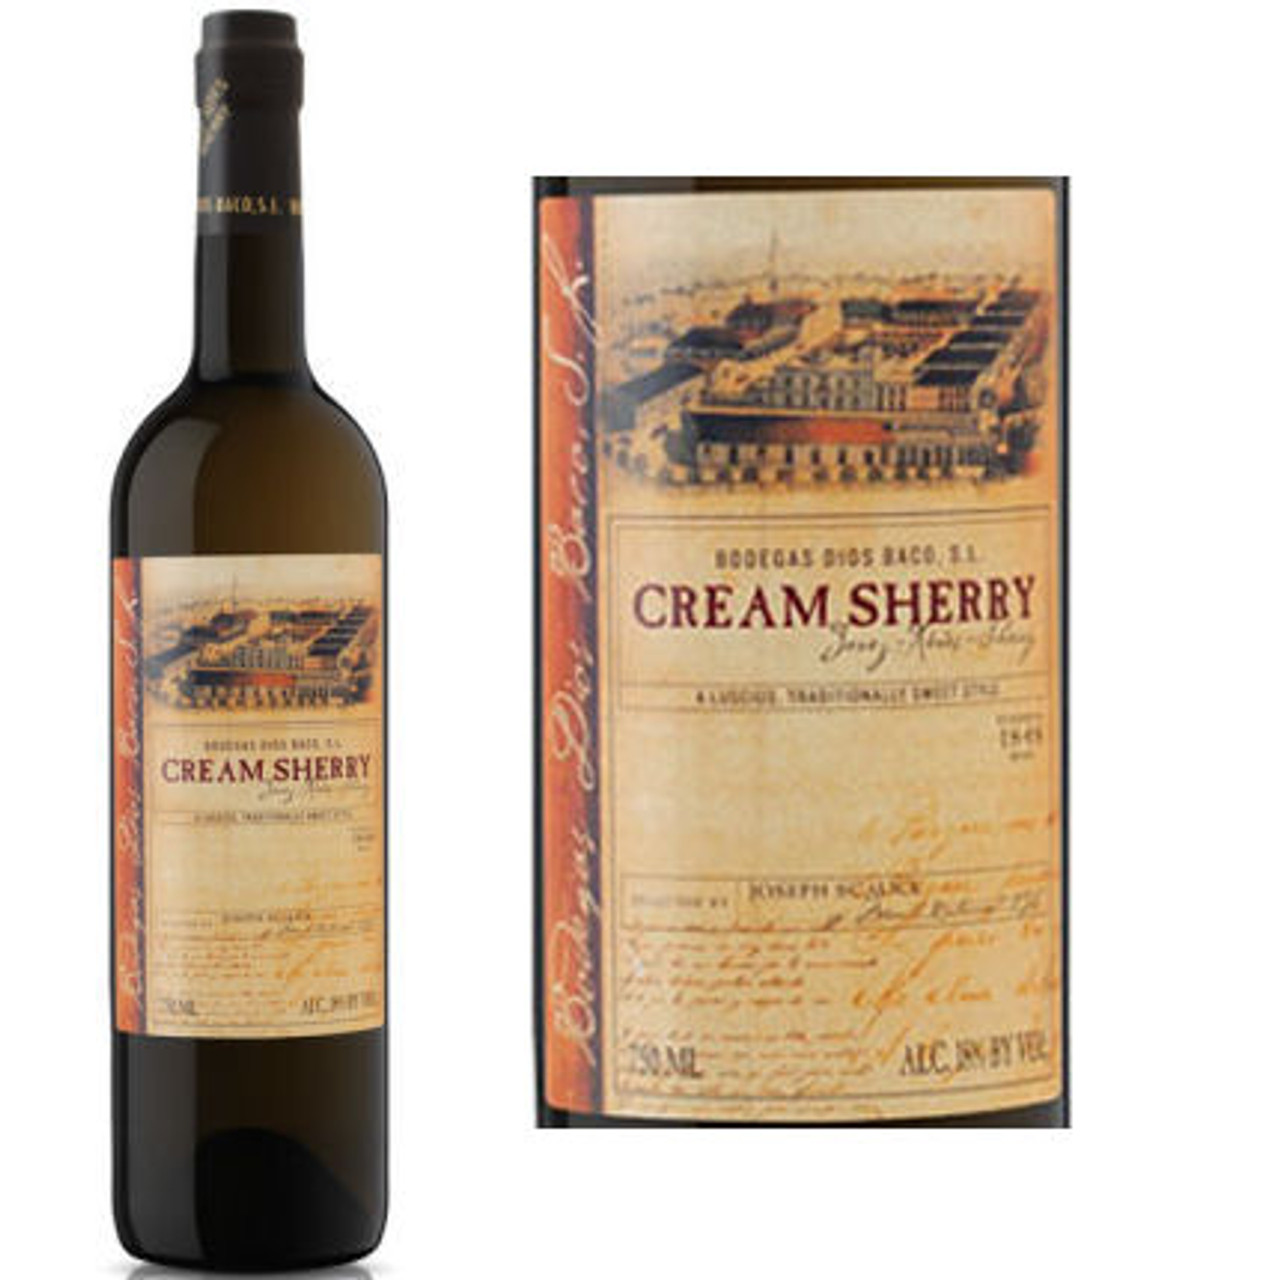 Dios Baco Cream Sherry Jerez 750ml